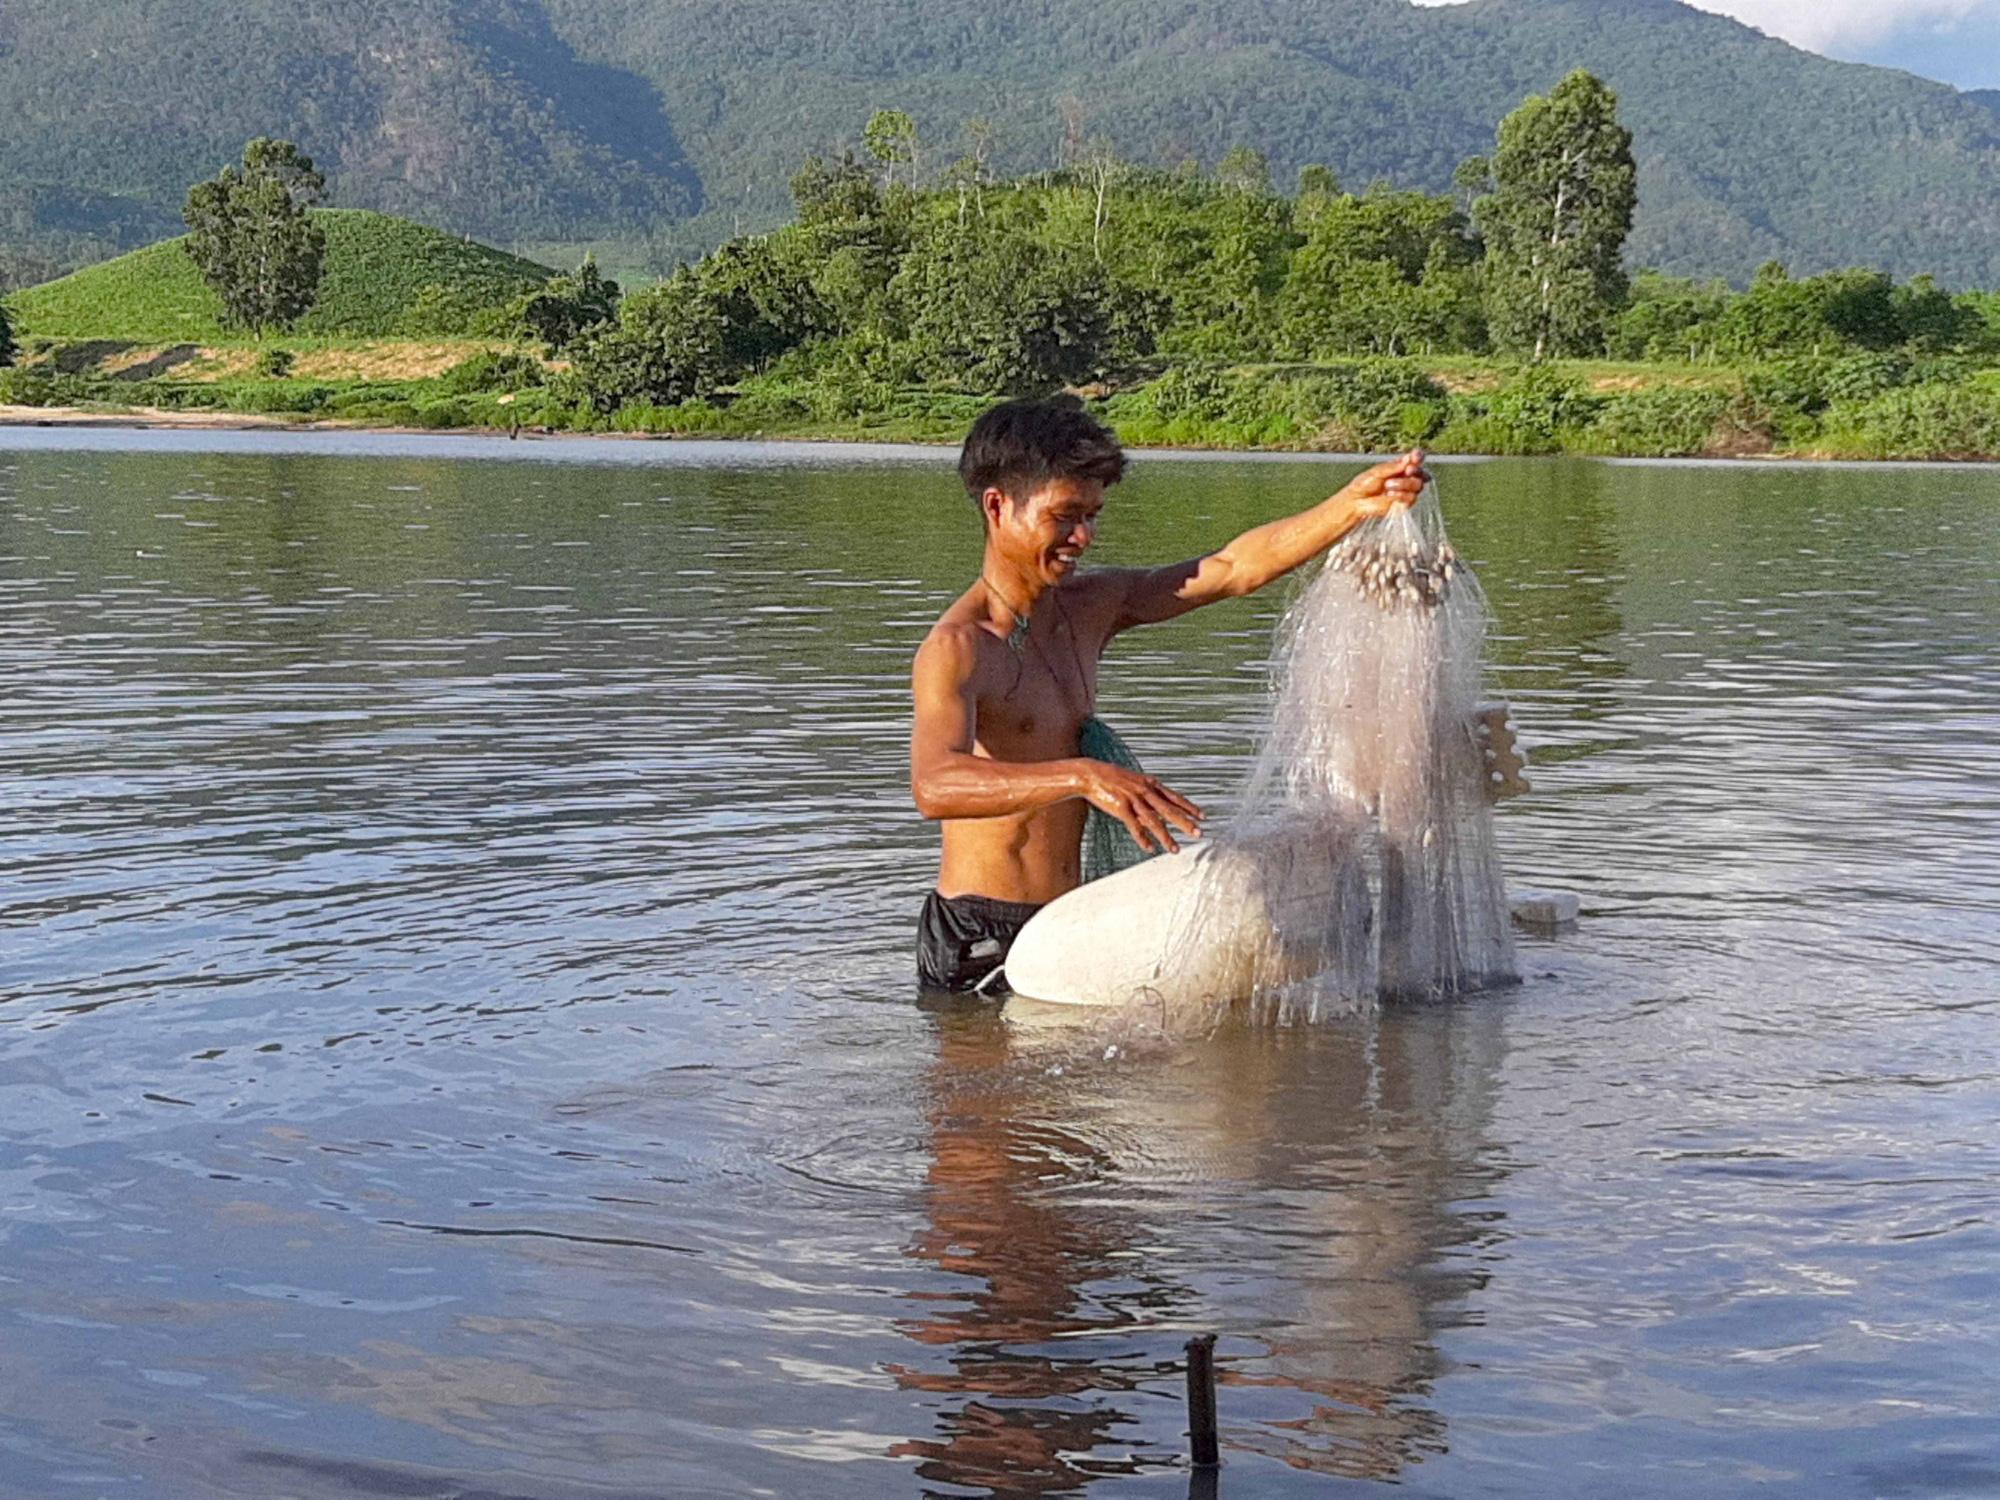 """Vùng đất nông dân buông lưới, đặt lờ """"rình"""" bắt những con cá quý hiếm mà thiên hạ tôn lên hàng cá đặc sản - Ảnh 1."""